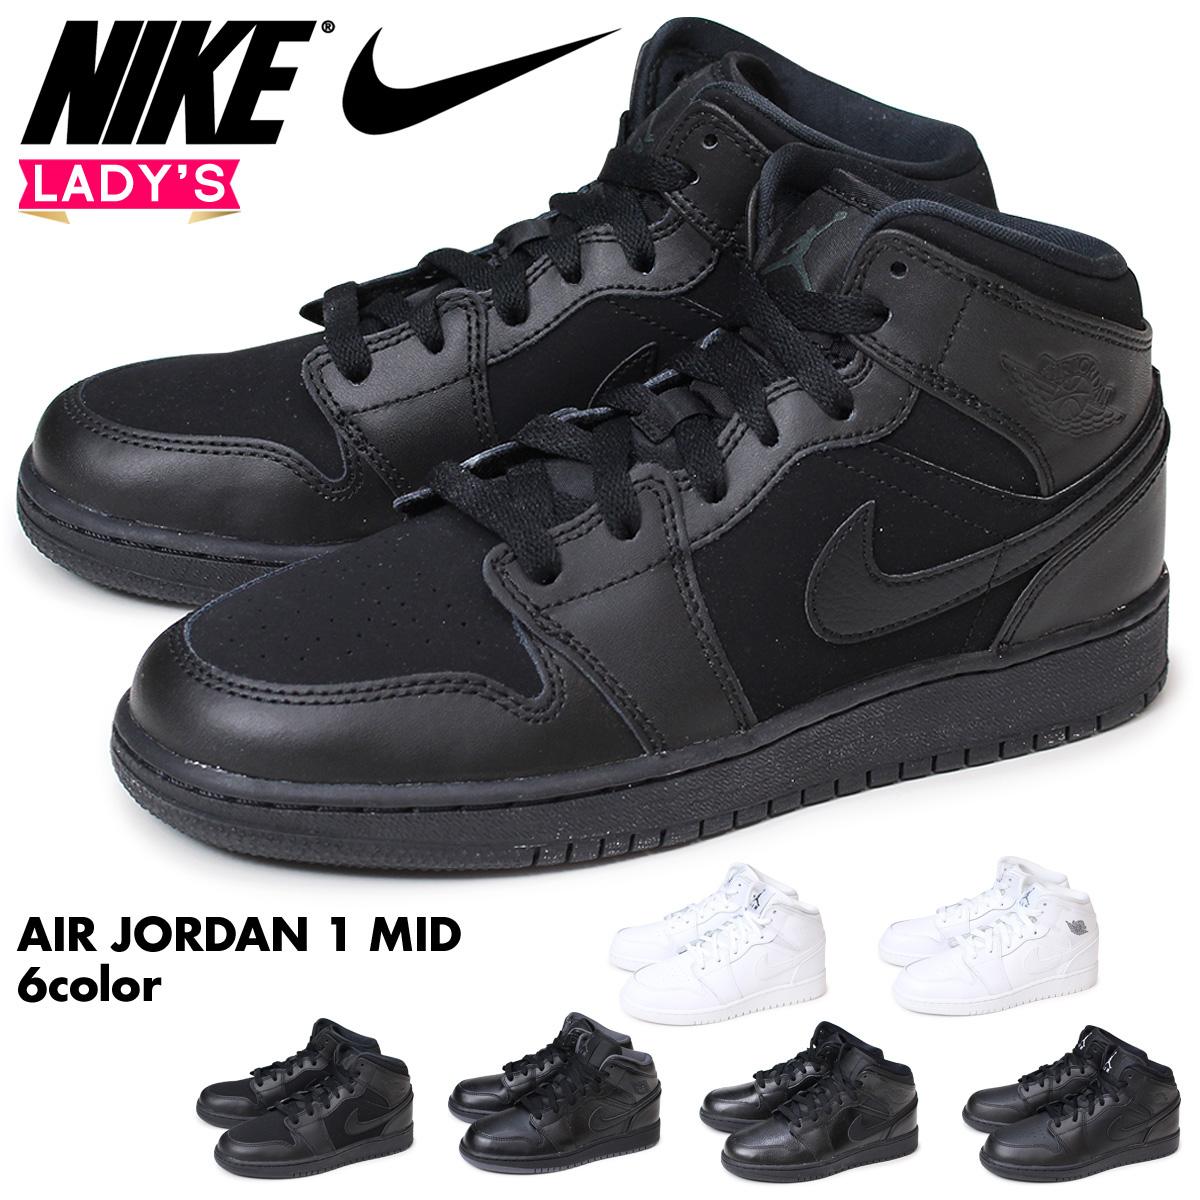 NIKE Nike Air Jordan sneakers Lady's AIR JORDAN 1 MID GS Air Jordan 1 mid shoes black black white white